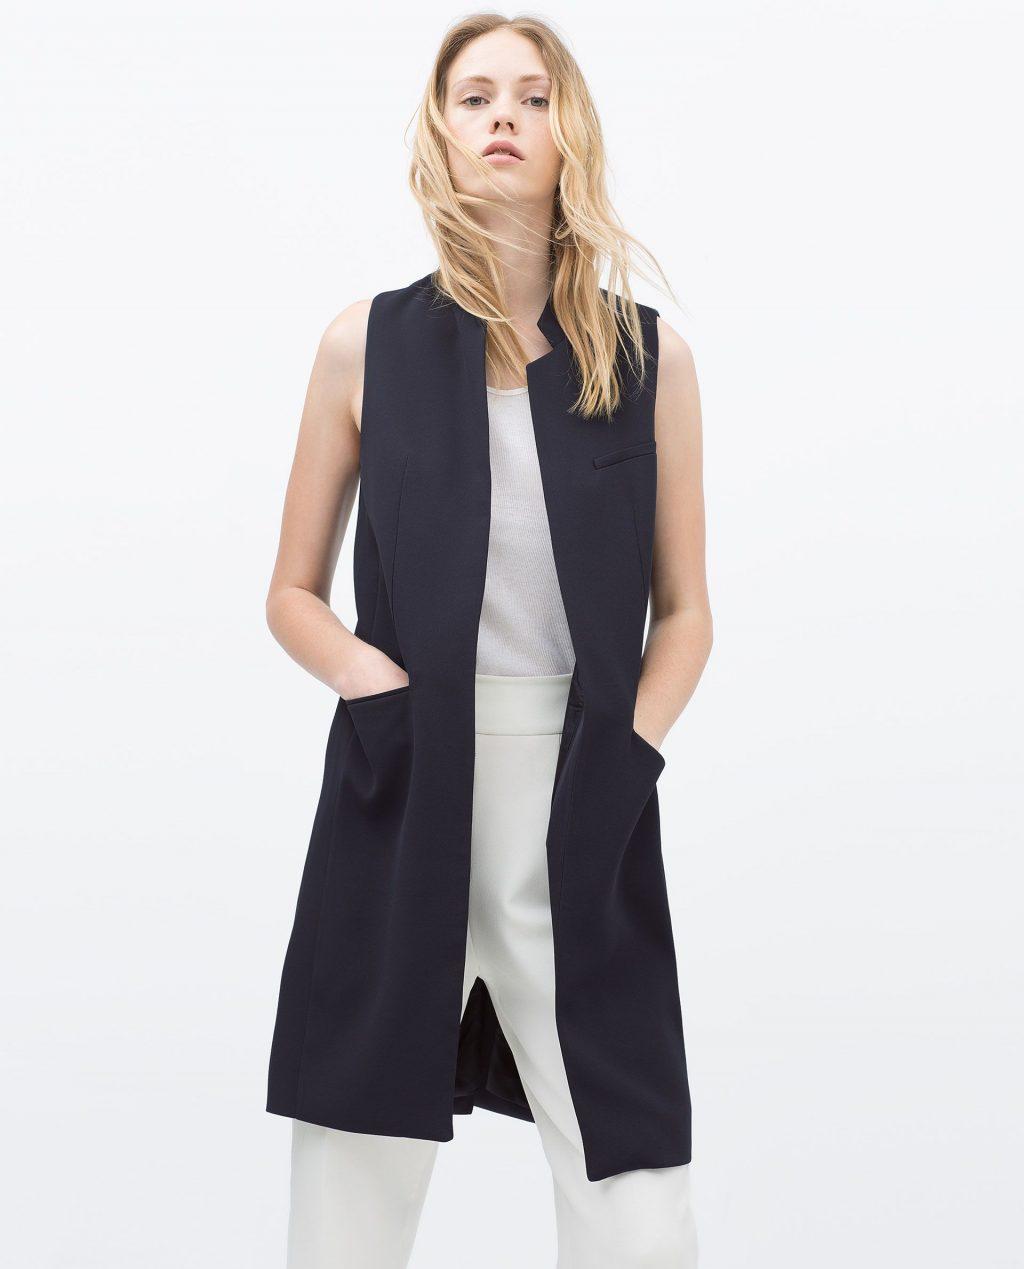 áo vest đen dáng dài dành cho nữ